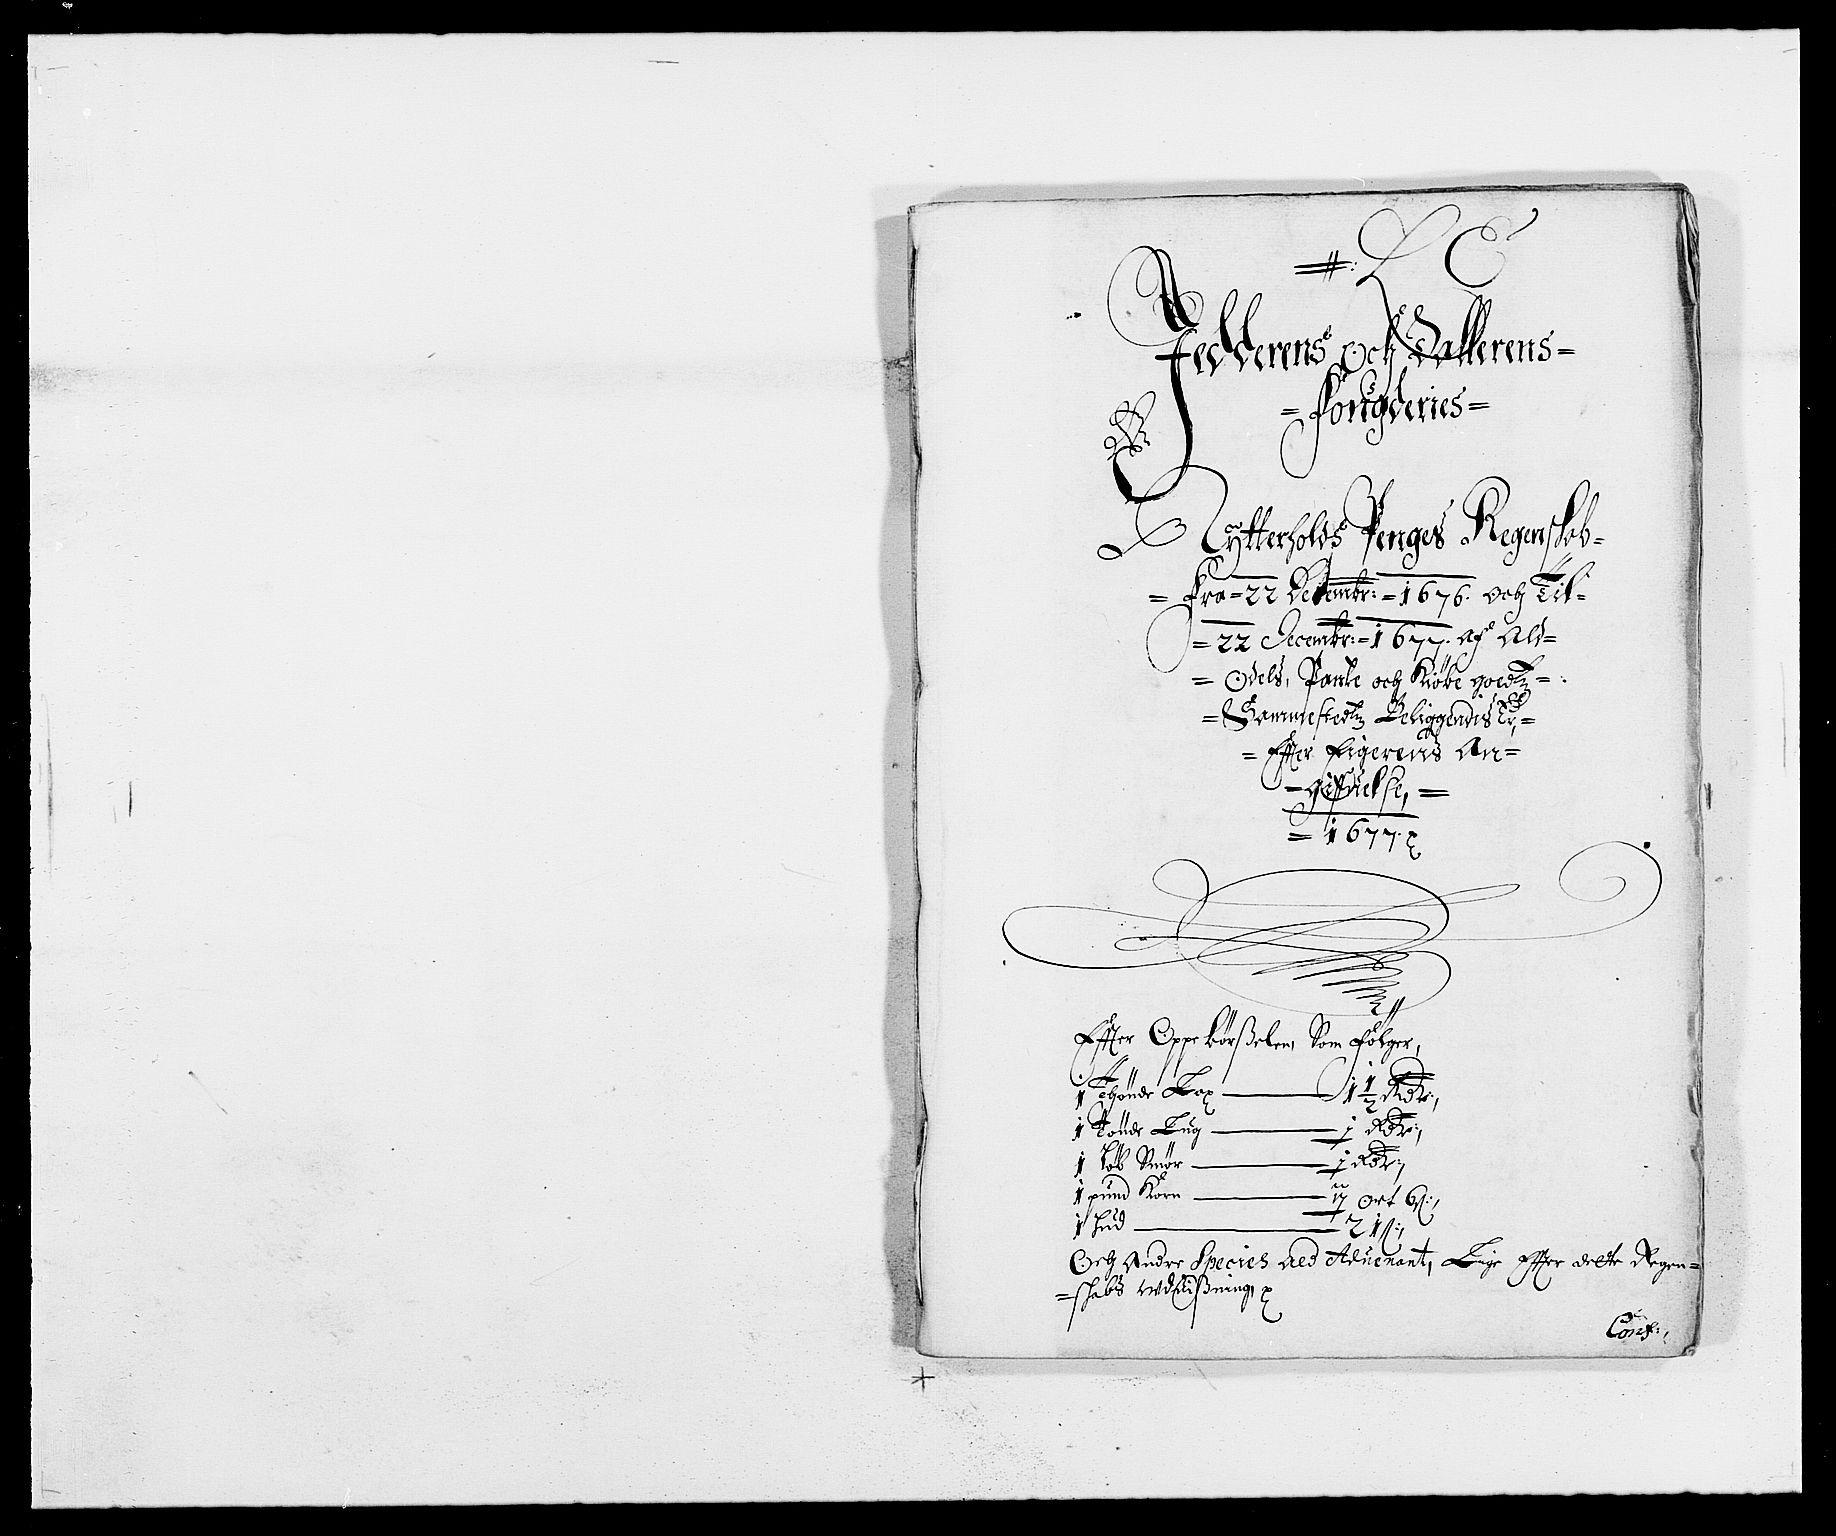 RA, Rentekammeret inntil 1814, Reviderte regnskaper, Fogderegnskap, R46/L2717: Fogderegnskap Jæren og Dalane, 1677, s. 137